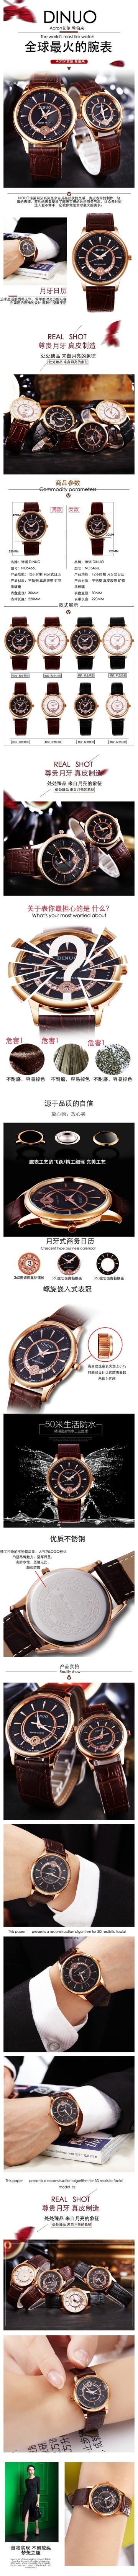 简约时尚手表电商详情图画